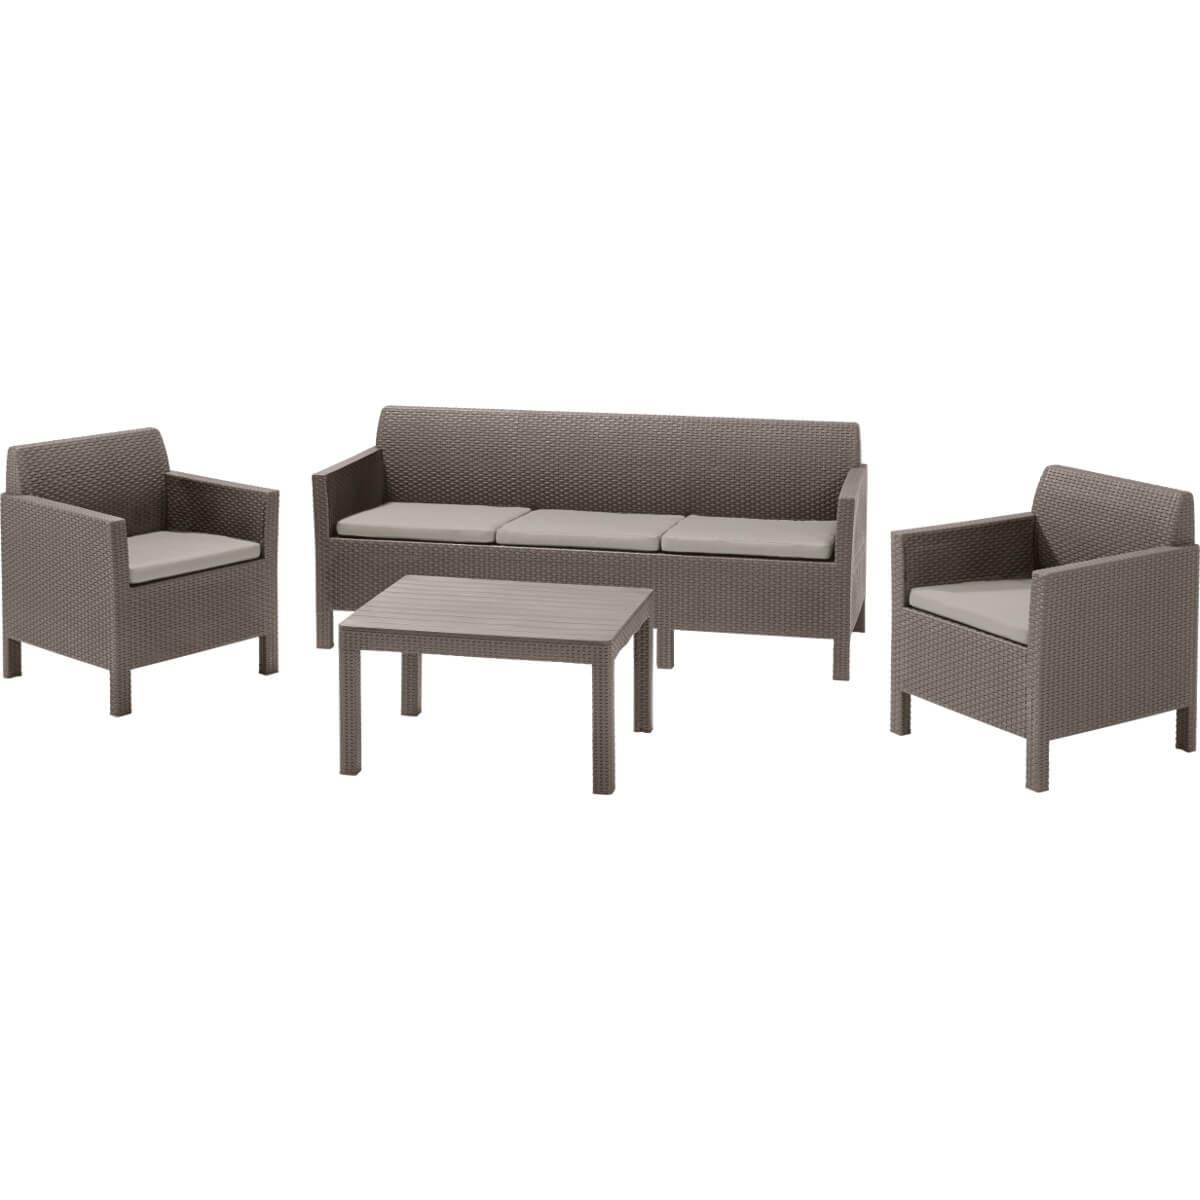 Комплект мебели Allibert Orlando 3 Seater 17202802